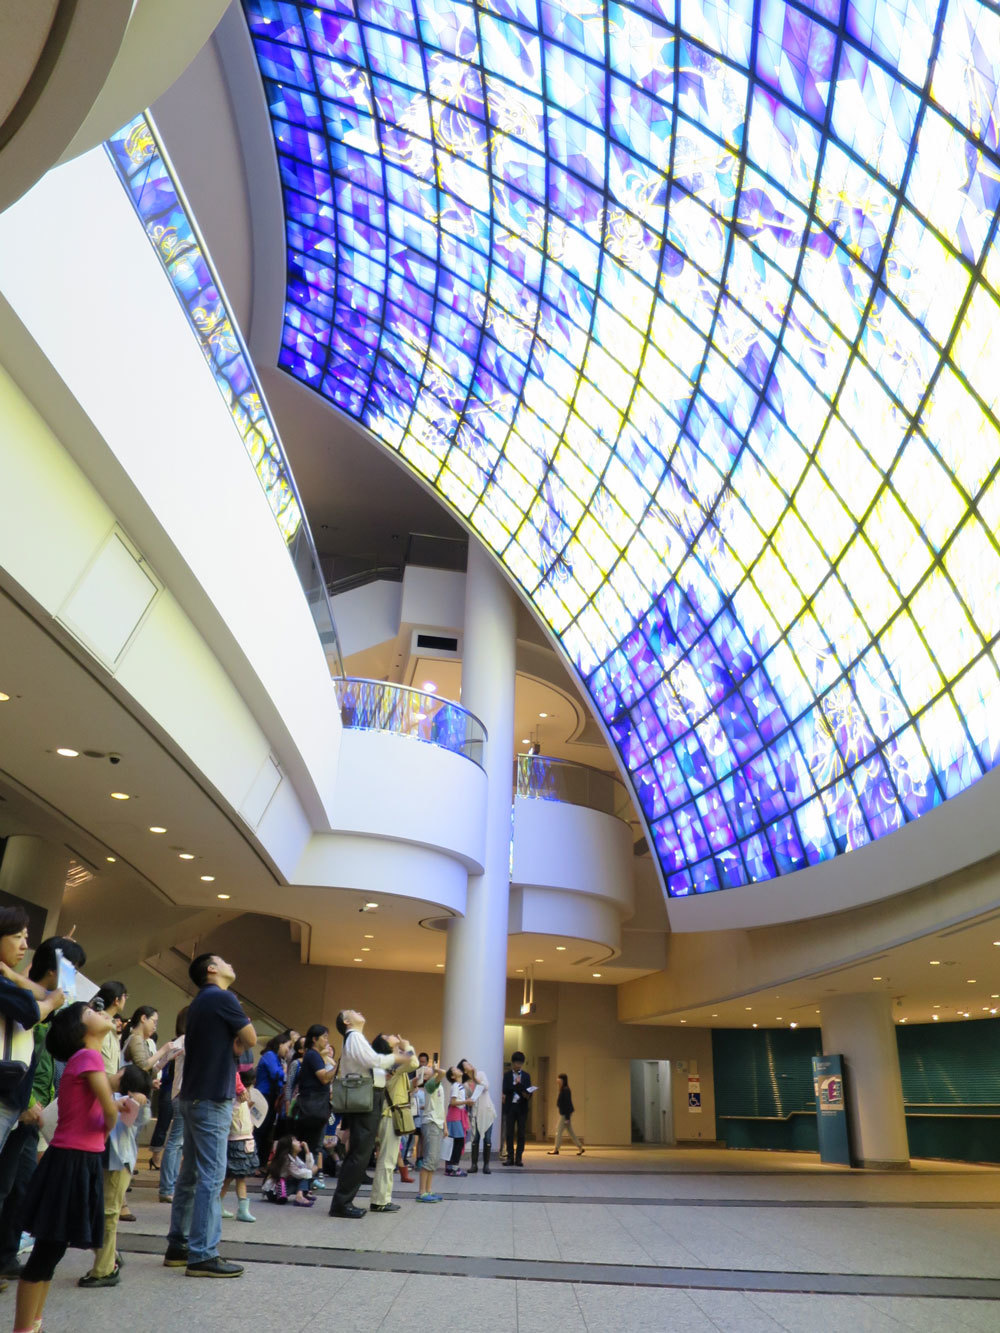 パシフィコ横浜×はまぎん こども宇宙科学館 『みなとみらいで星空観察~オリオン大星雲をみてみよう~』